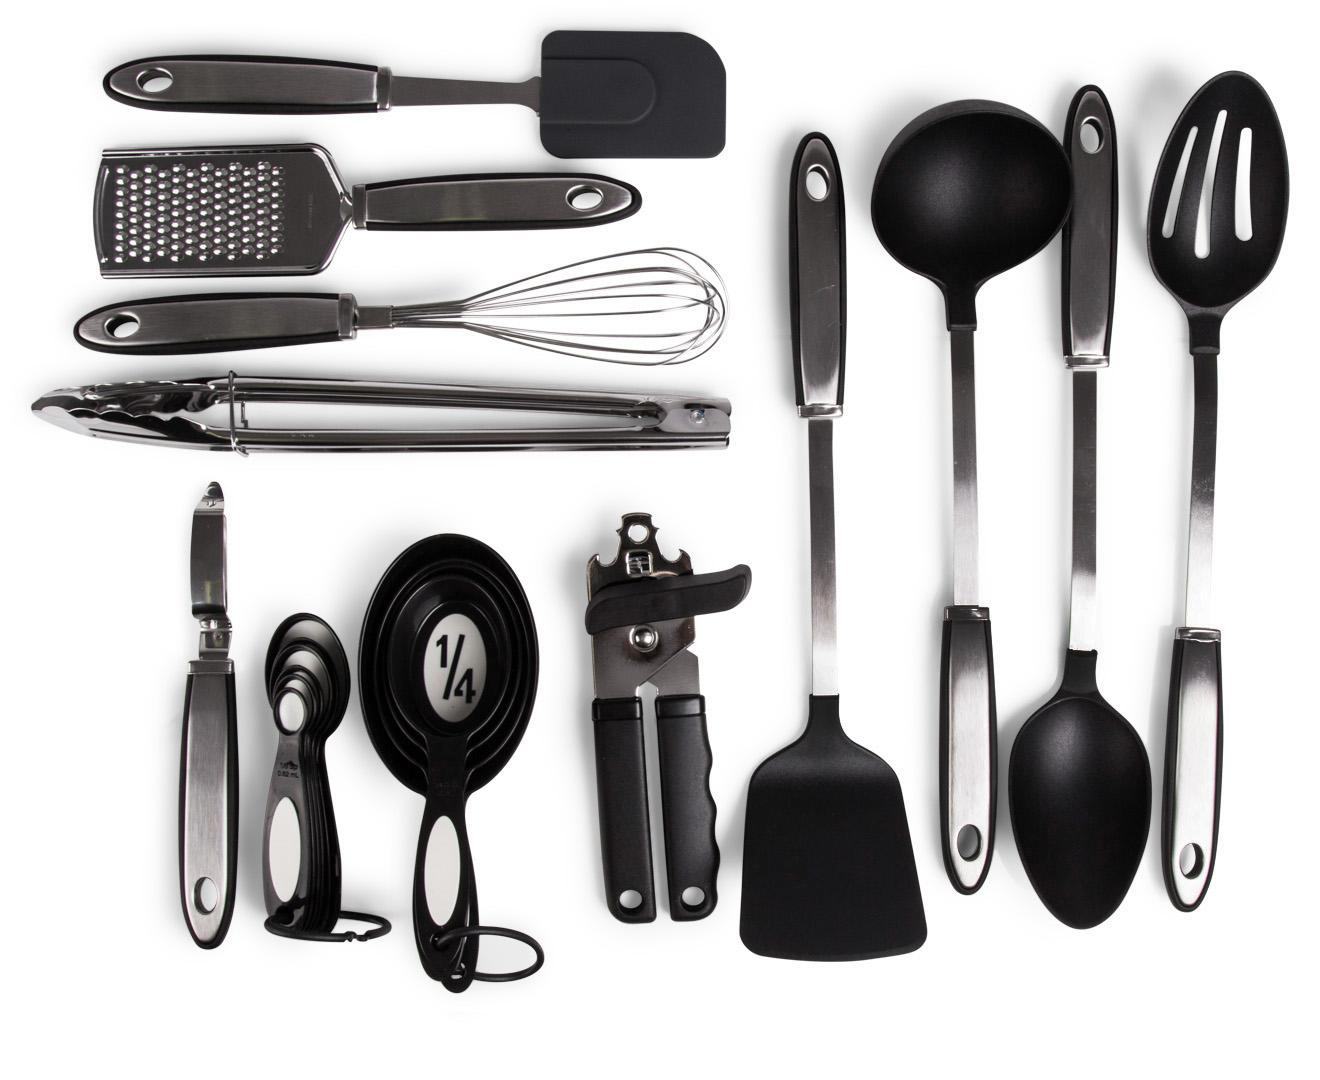 Tuffsteel 20 piece kitchen utensil set for Kitchen set ebay